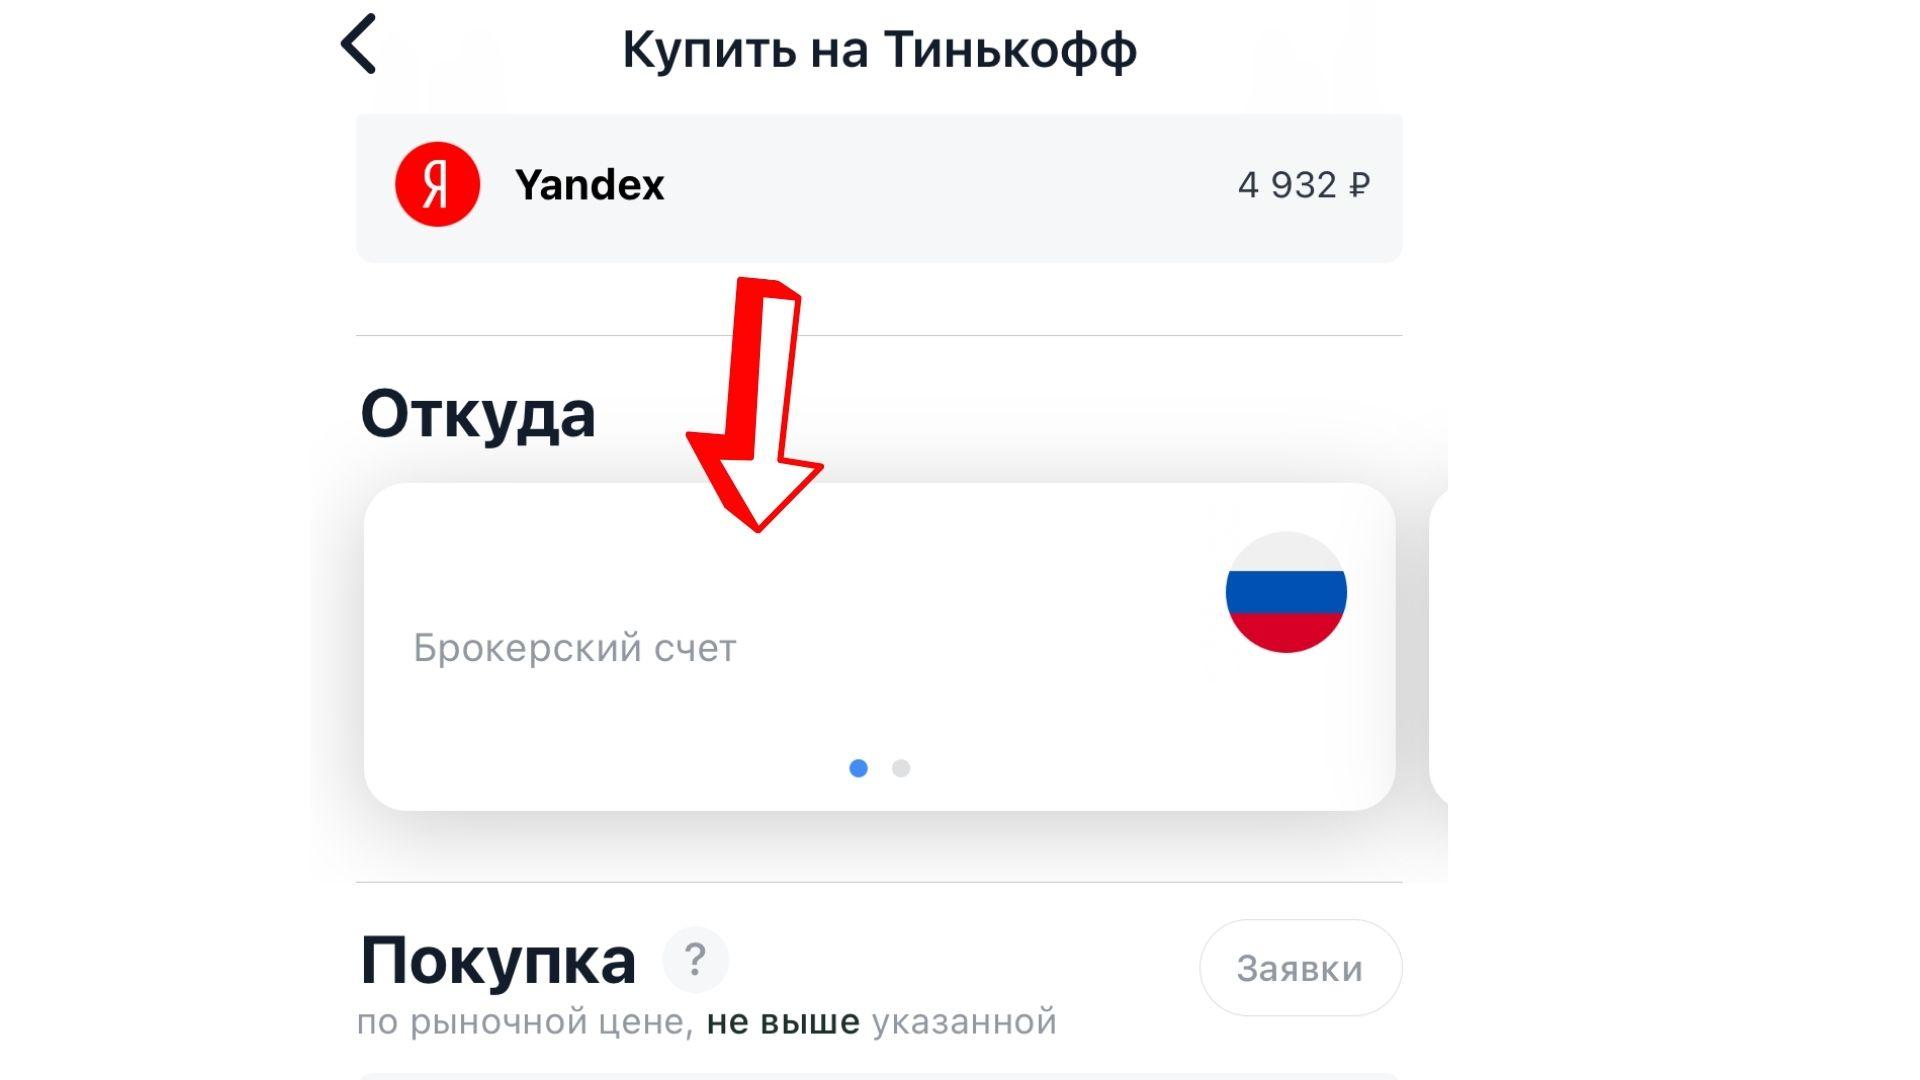 Как купить акции Яндекса физическому лицу. Инструкция шаг за шагом